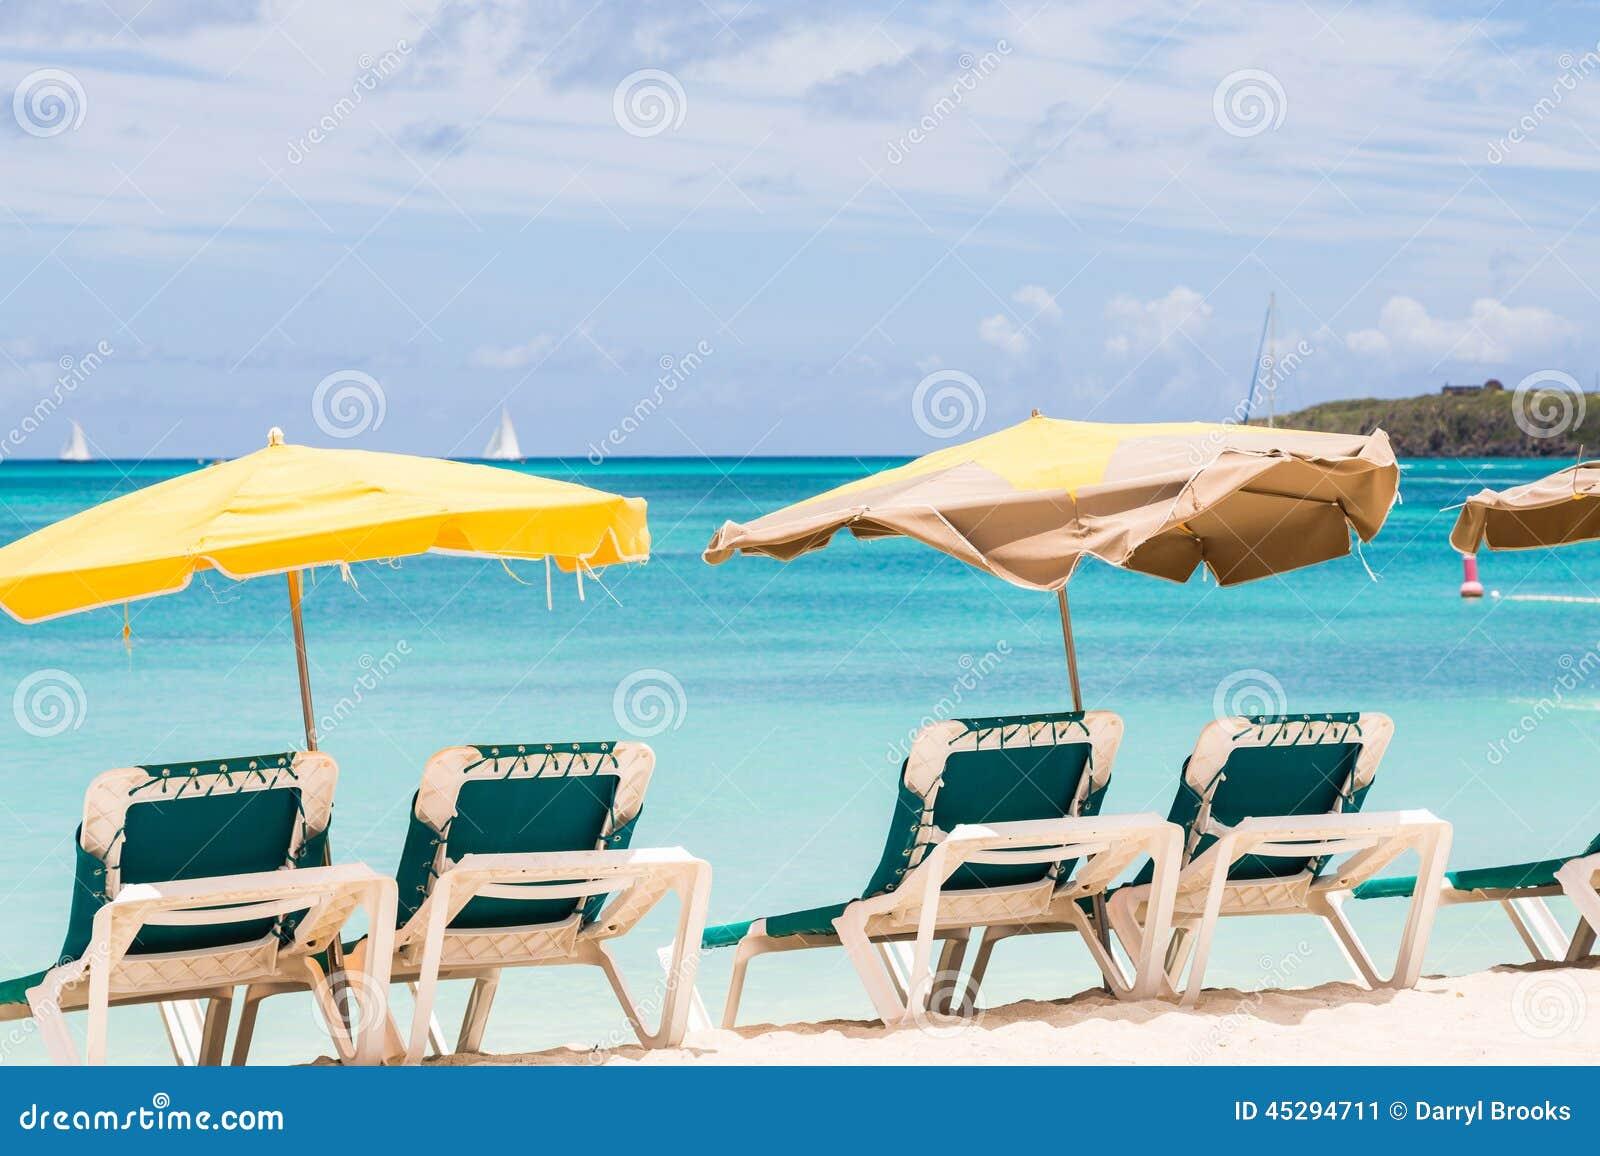 Ombrelloni sopra le sedie verdi sulla spiaggia fotografia for Disegni di casa sulla spiaggia tropicale